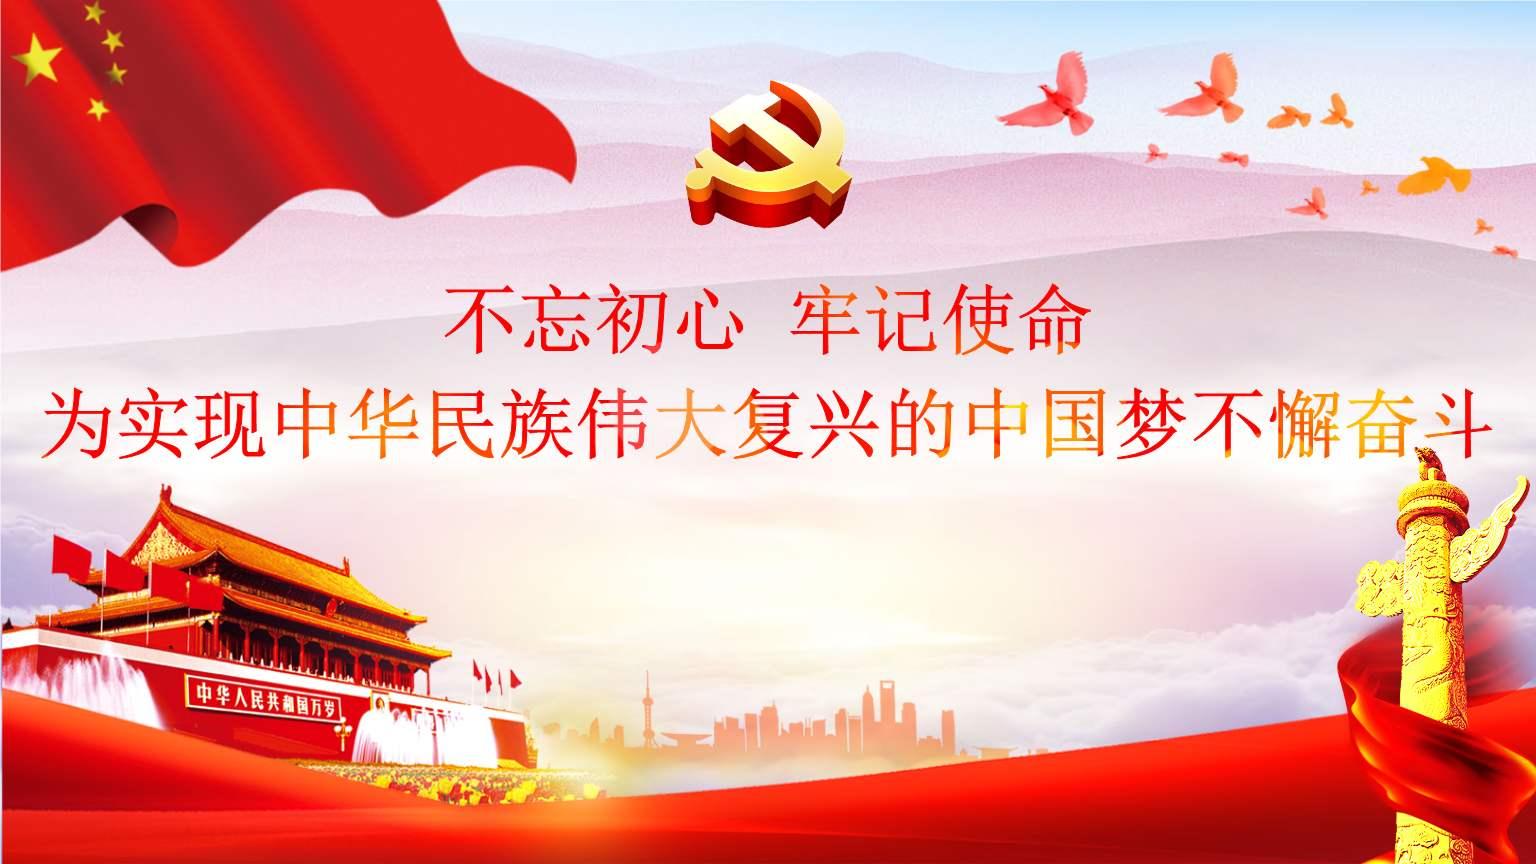 论《中华民族伟大复兴可能需要外国人来完成》